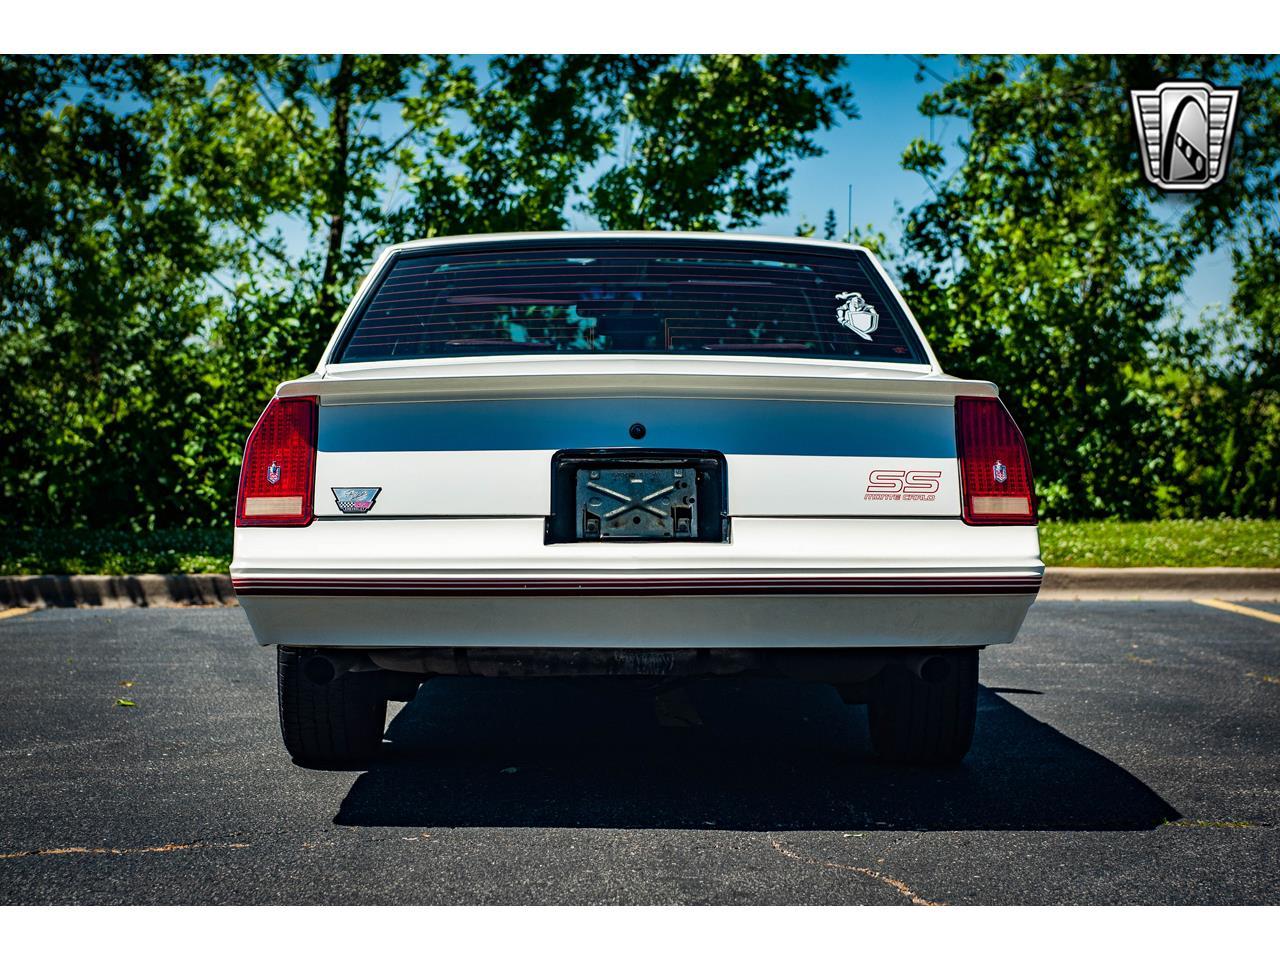 Large Picture of 1988 Chevrolet Monte Carlo located in O'Fallon Illinois - $22,000.00 - QENP